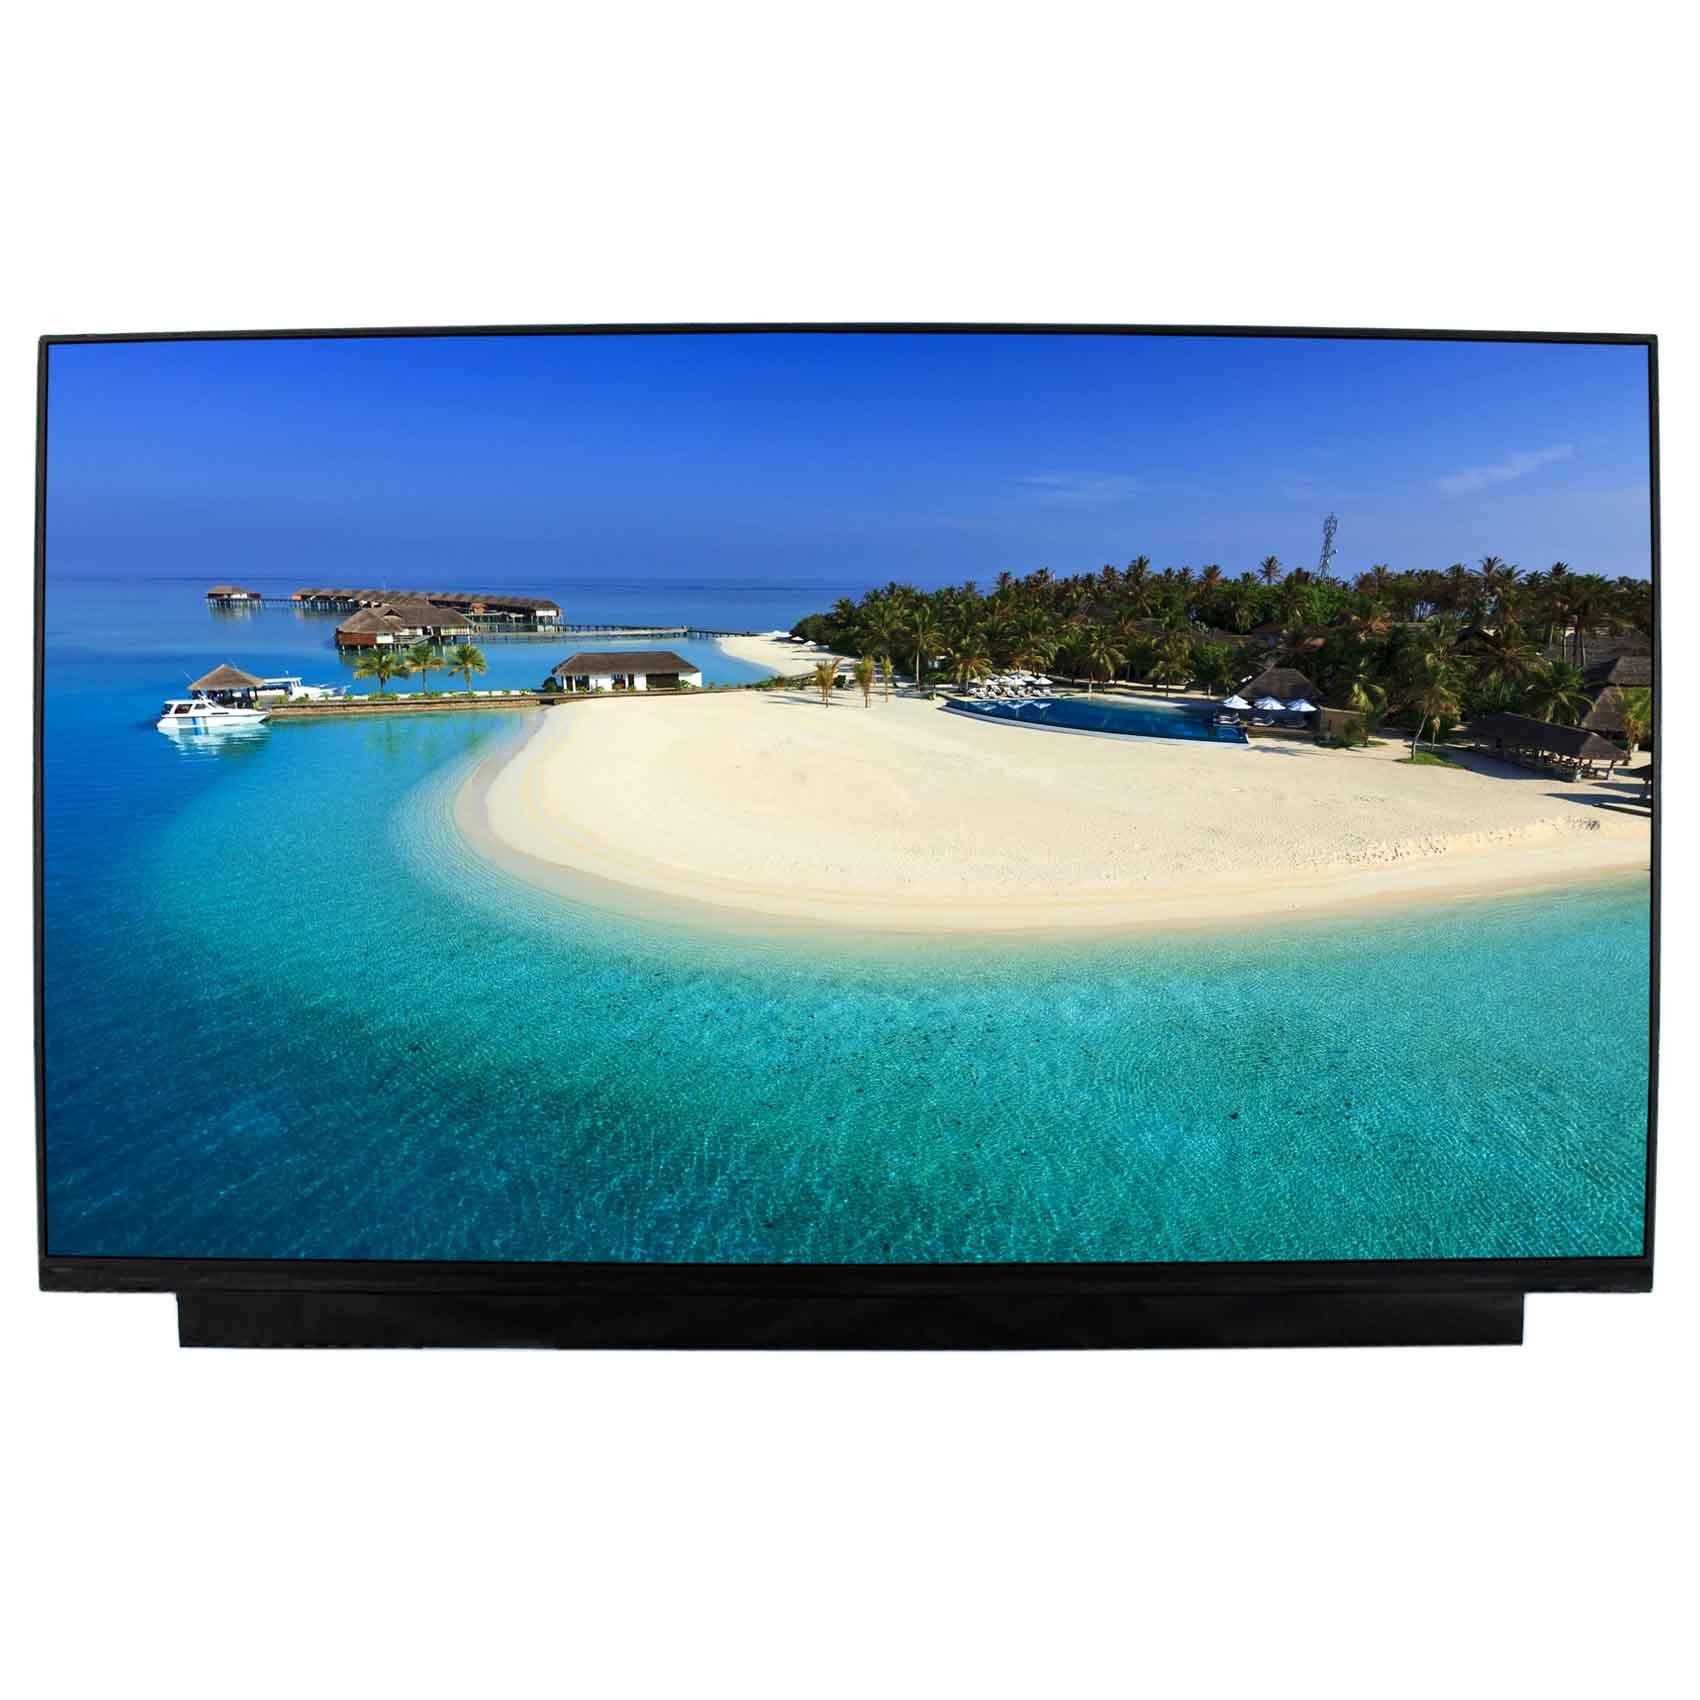 2 HDMI Mini+DP LCD Controller VS-RT2795T4K-V1 15.6inch NV156QUM-N32 3840X2160 IPS LCD Screen